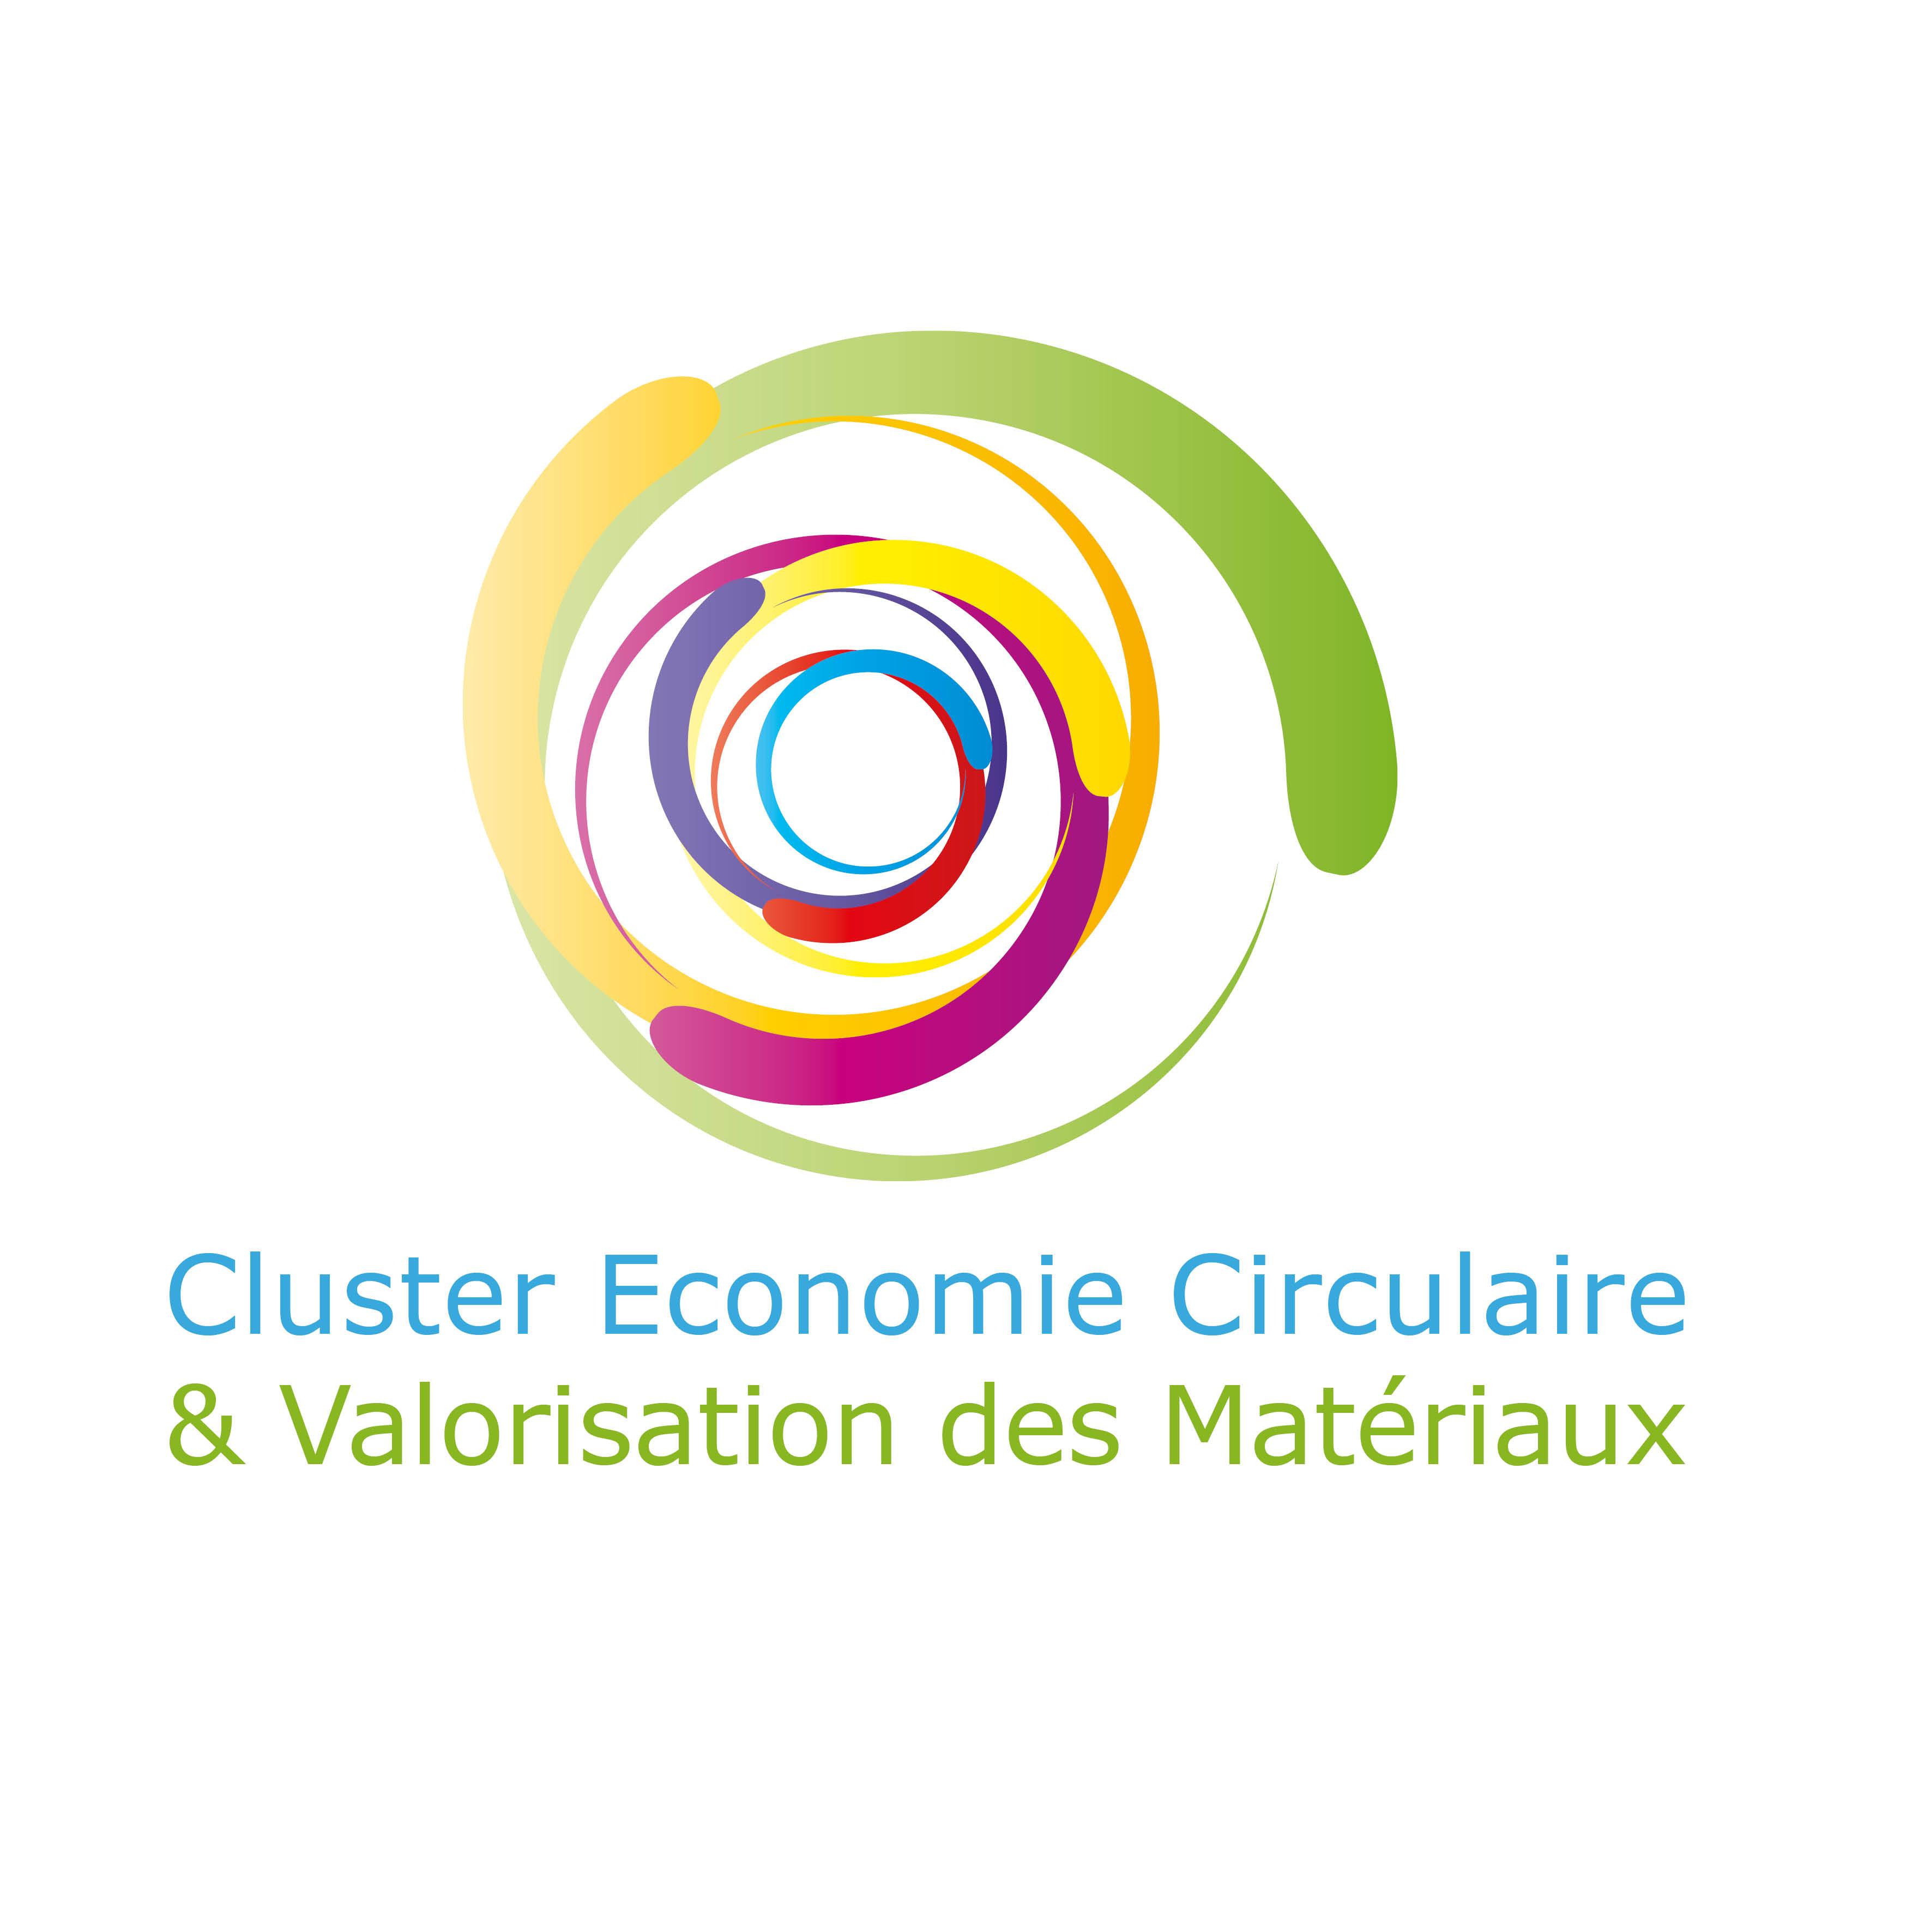 Cluster économie circulaire et valorisation des déchets